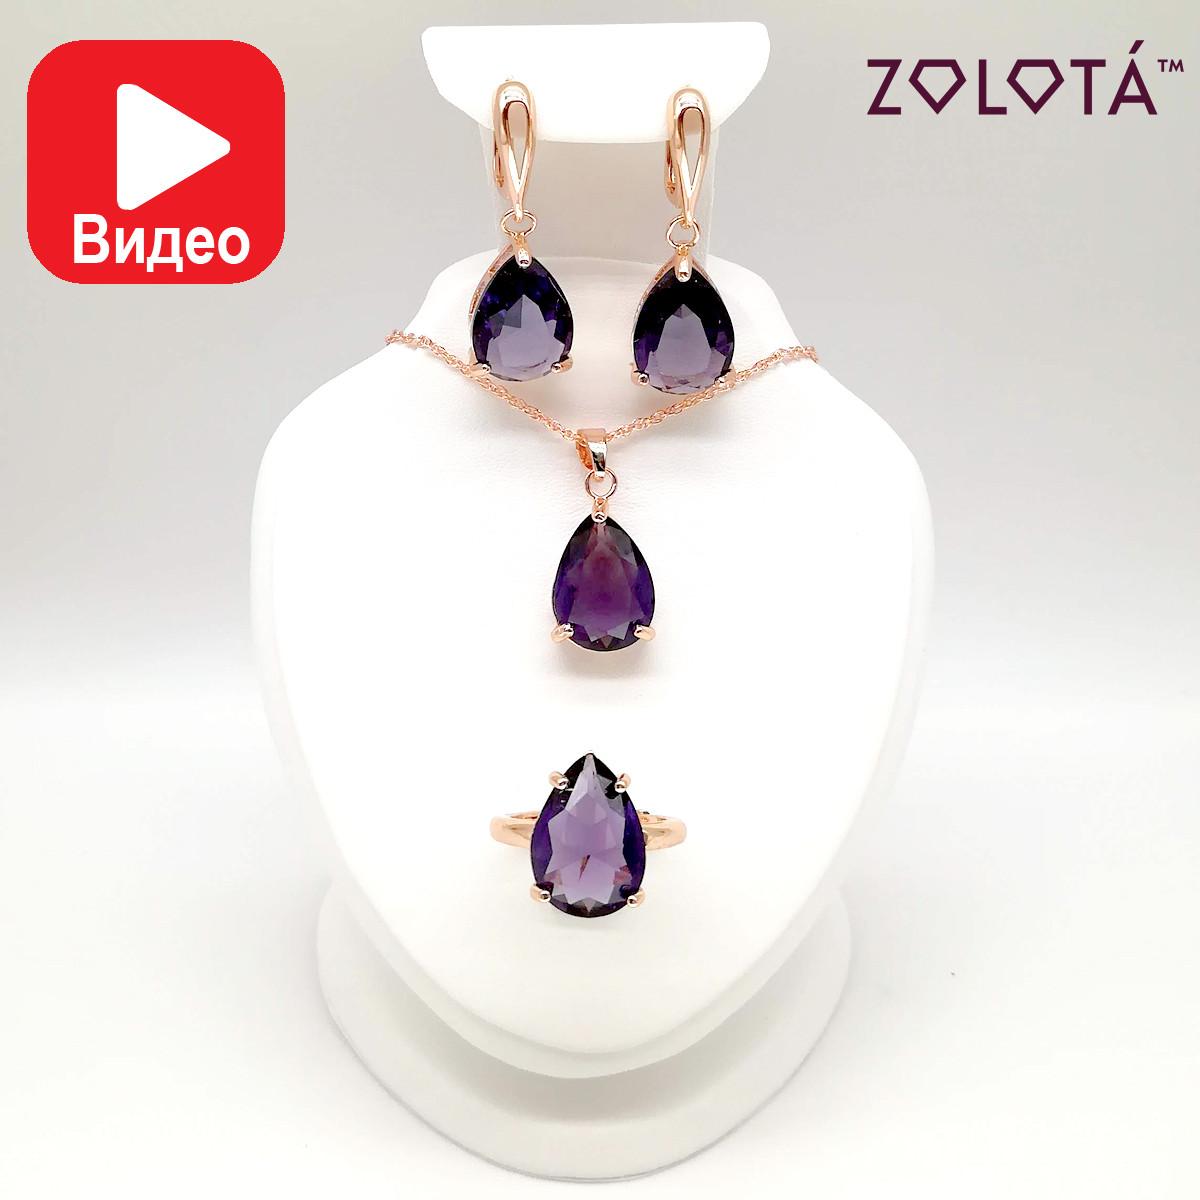 """Набор """"Верона"""" (серьги, кольцо, кулон на цепочке), фиолетовые фианиты (куб. цирконий), позолота РО, ЗЛ00756"""